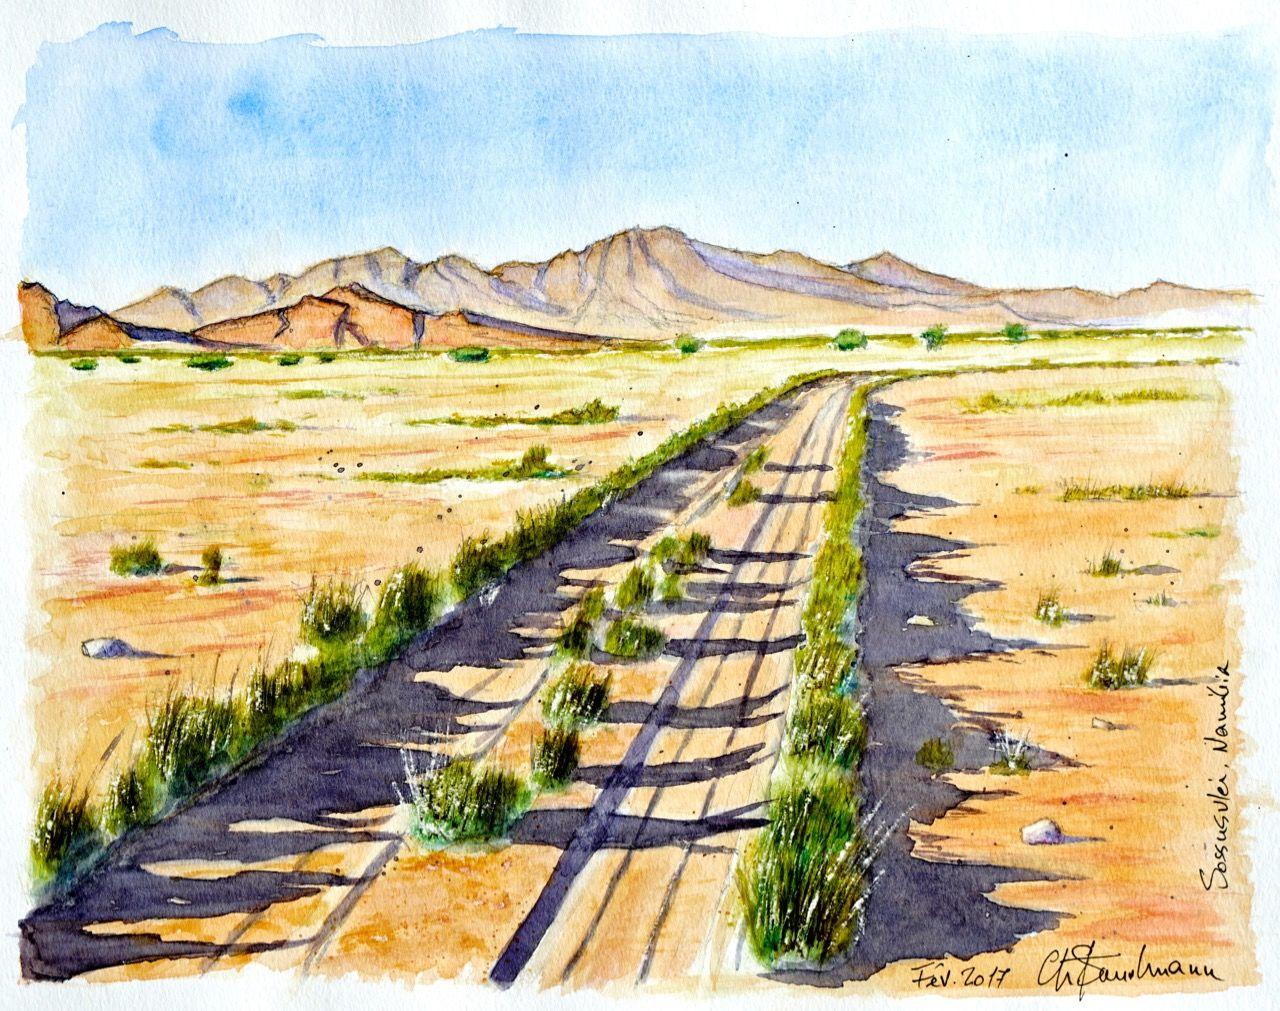 Piste dans le desert du Namib